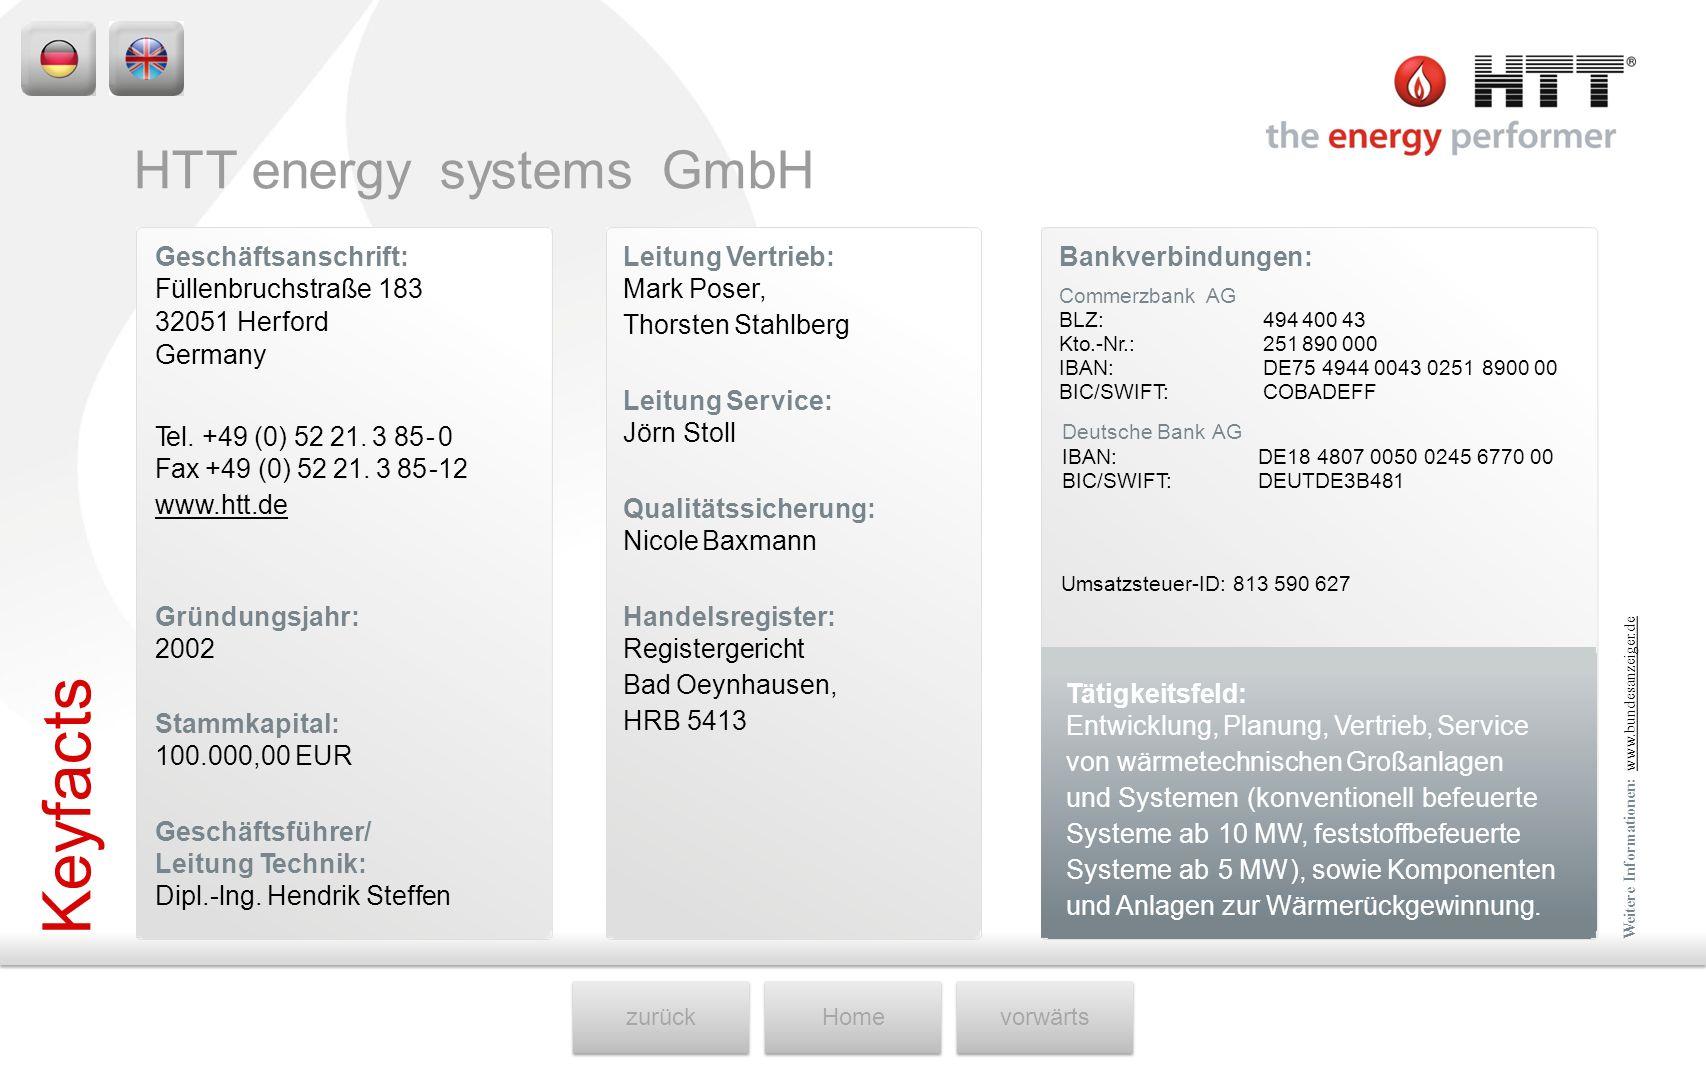 Keyfacts HTT energy systems GmbH Geschäftsanschrift: